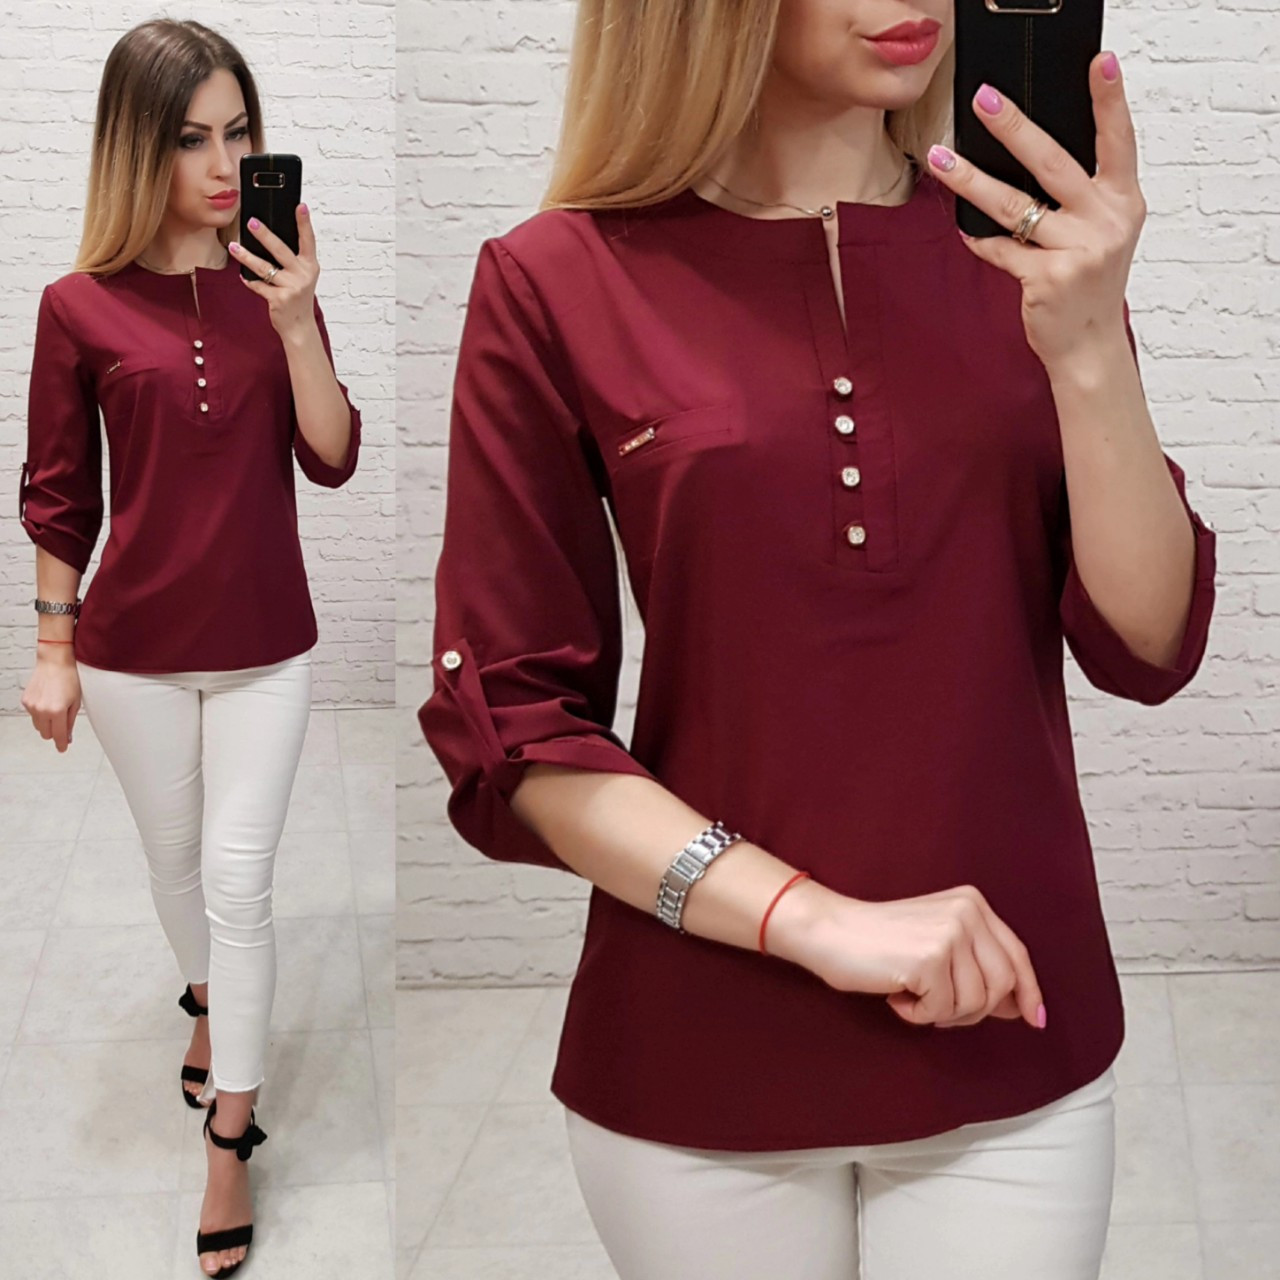 Блуза женская, софт, модель 830, в 7-ми расцветках